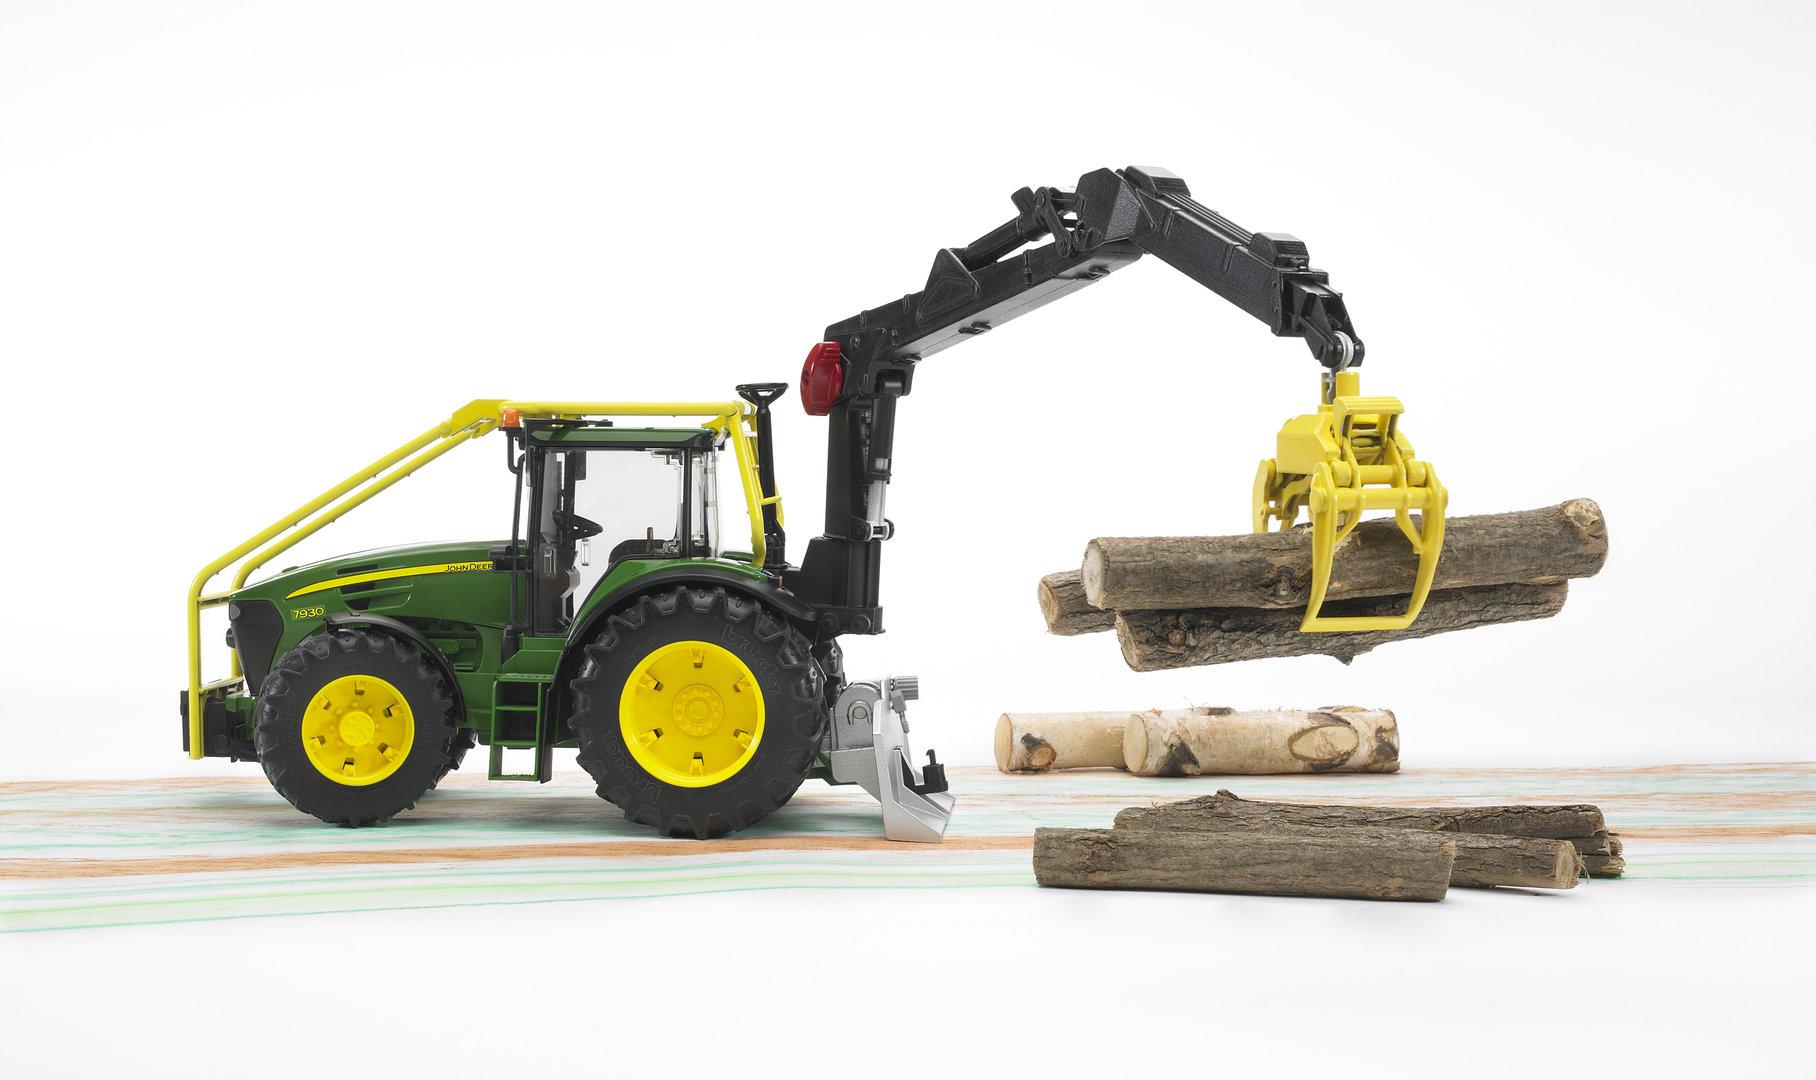 john deere 7930 forsttraktor bruder john deere bruder 7930. Black Bedroom Furniture Sets. Home Design Ideas